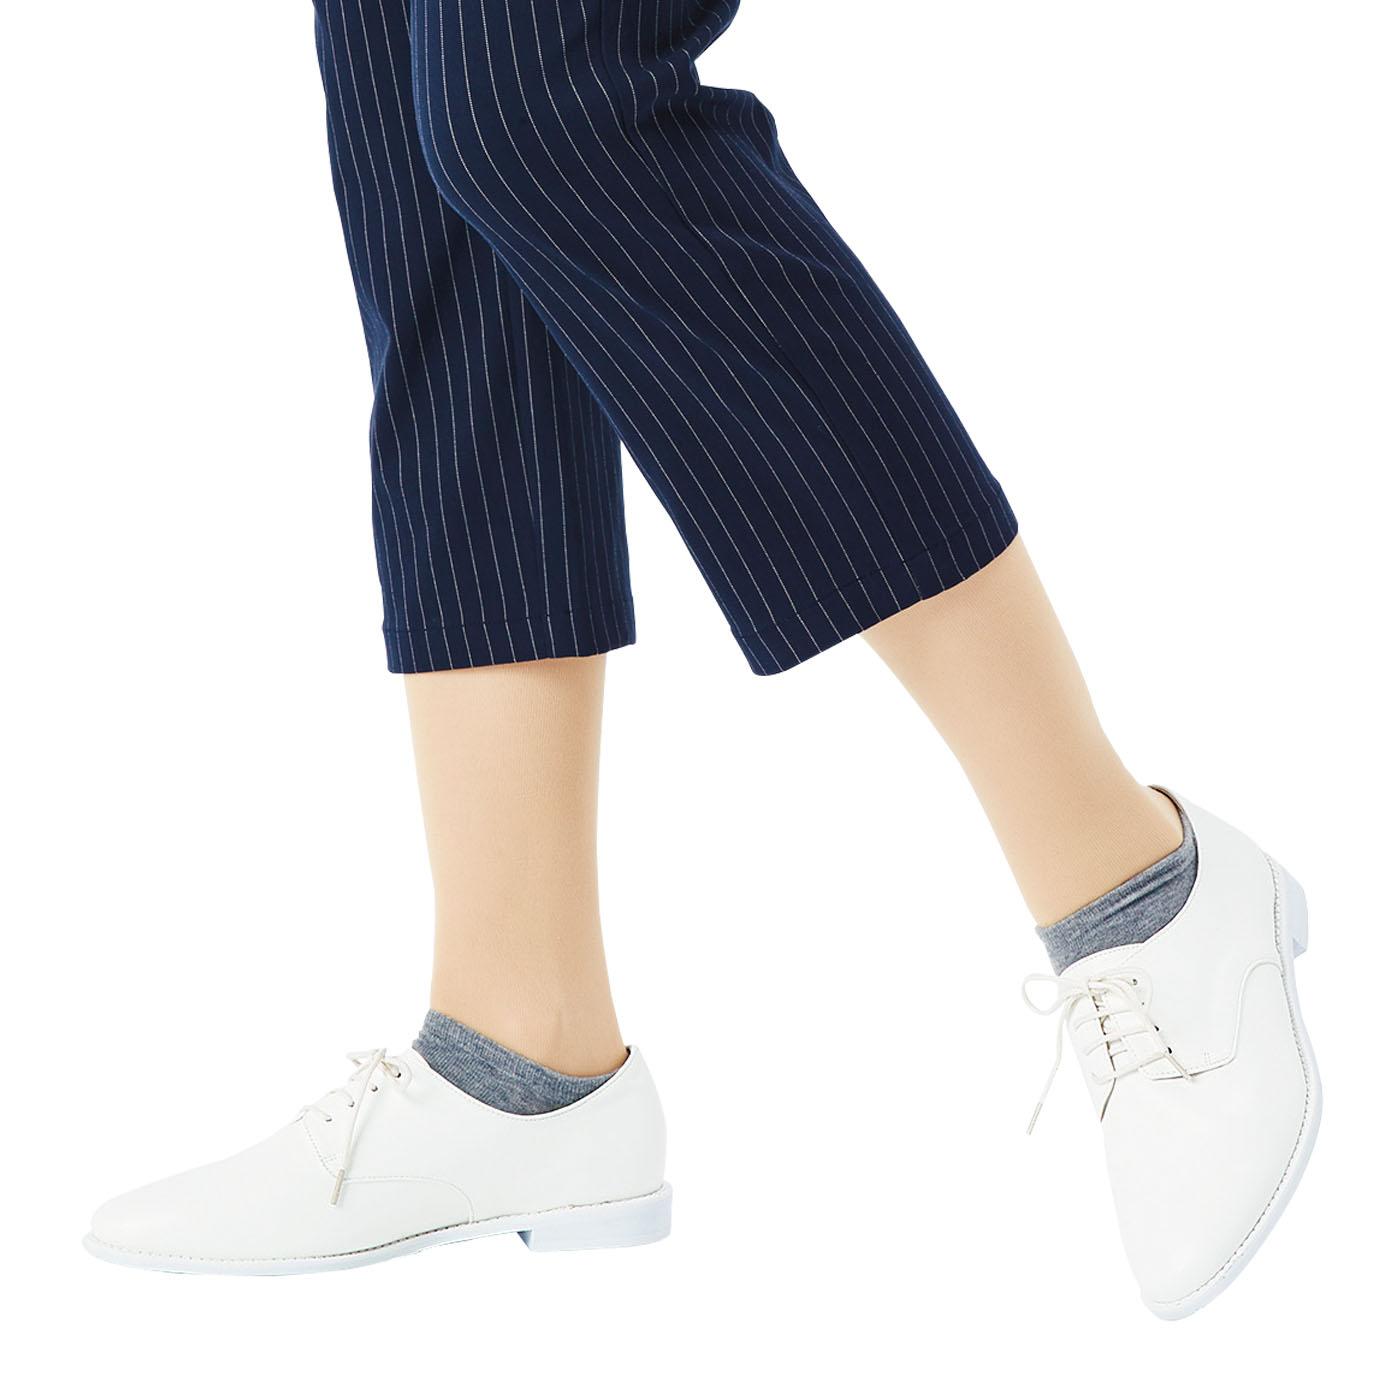 靴下部分はシューズからちら見えしてしてもかわいいくるぶし丈。